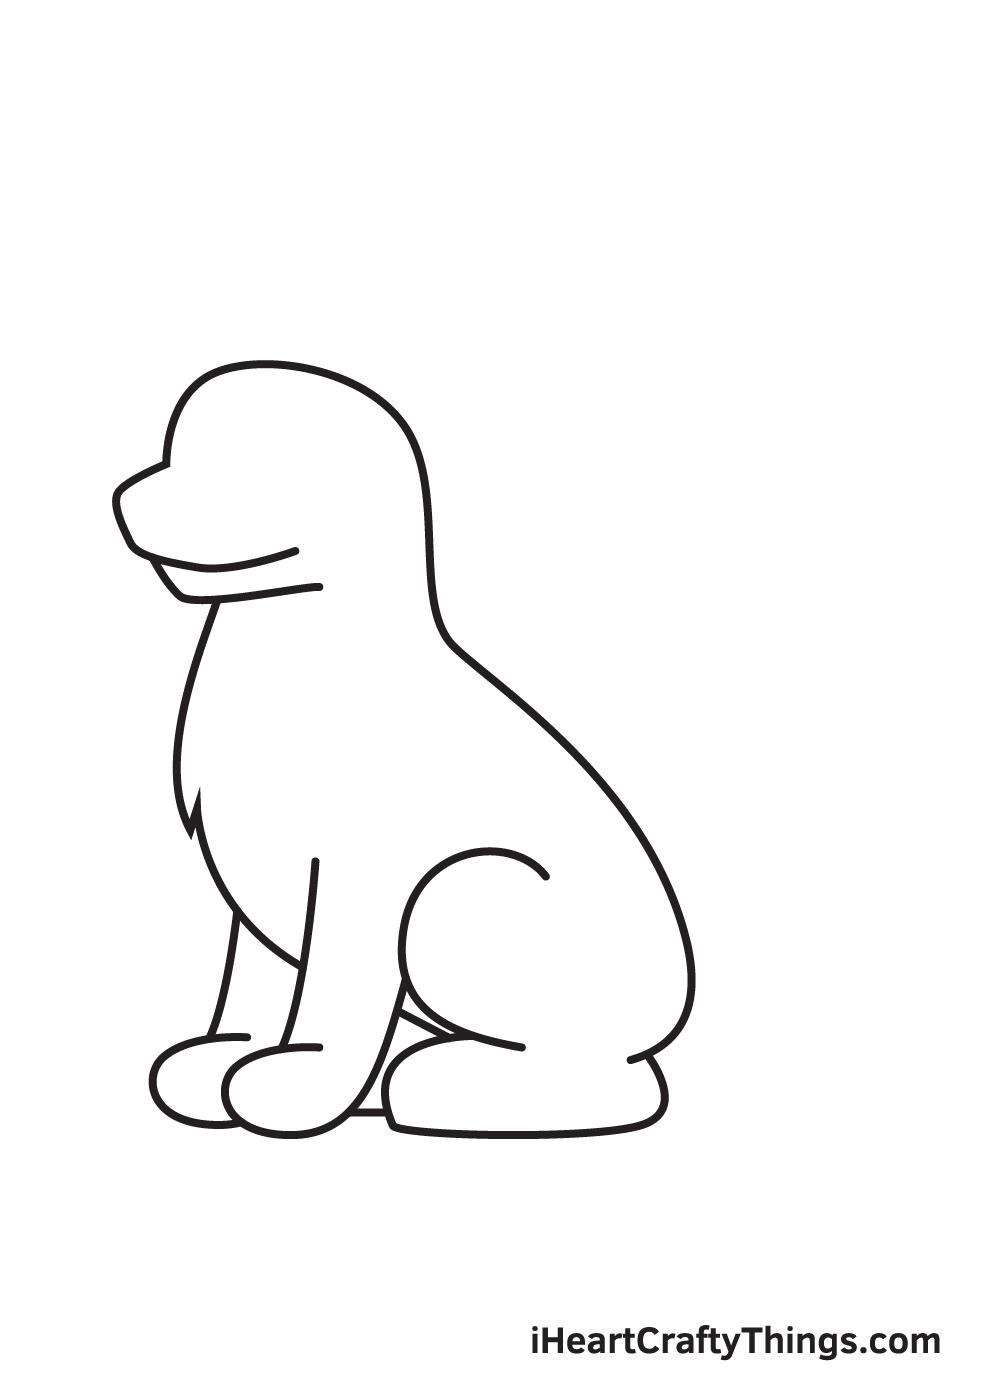 German Shepherd drawing - step 5